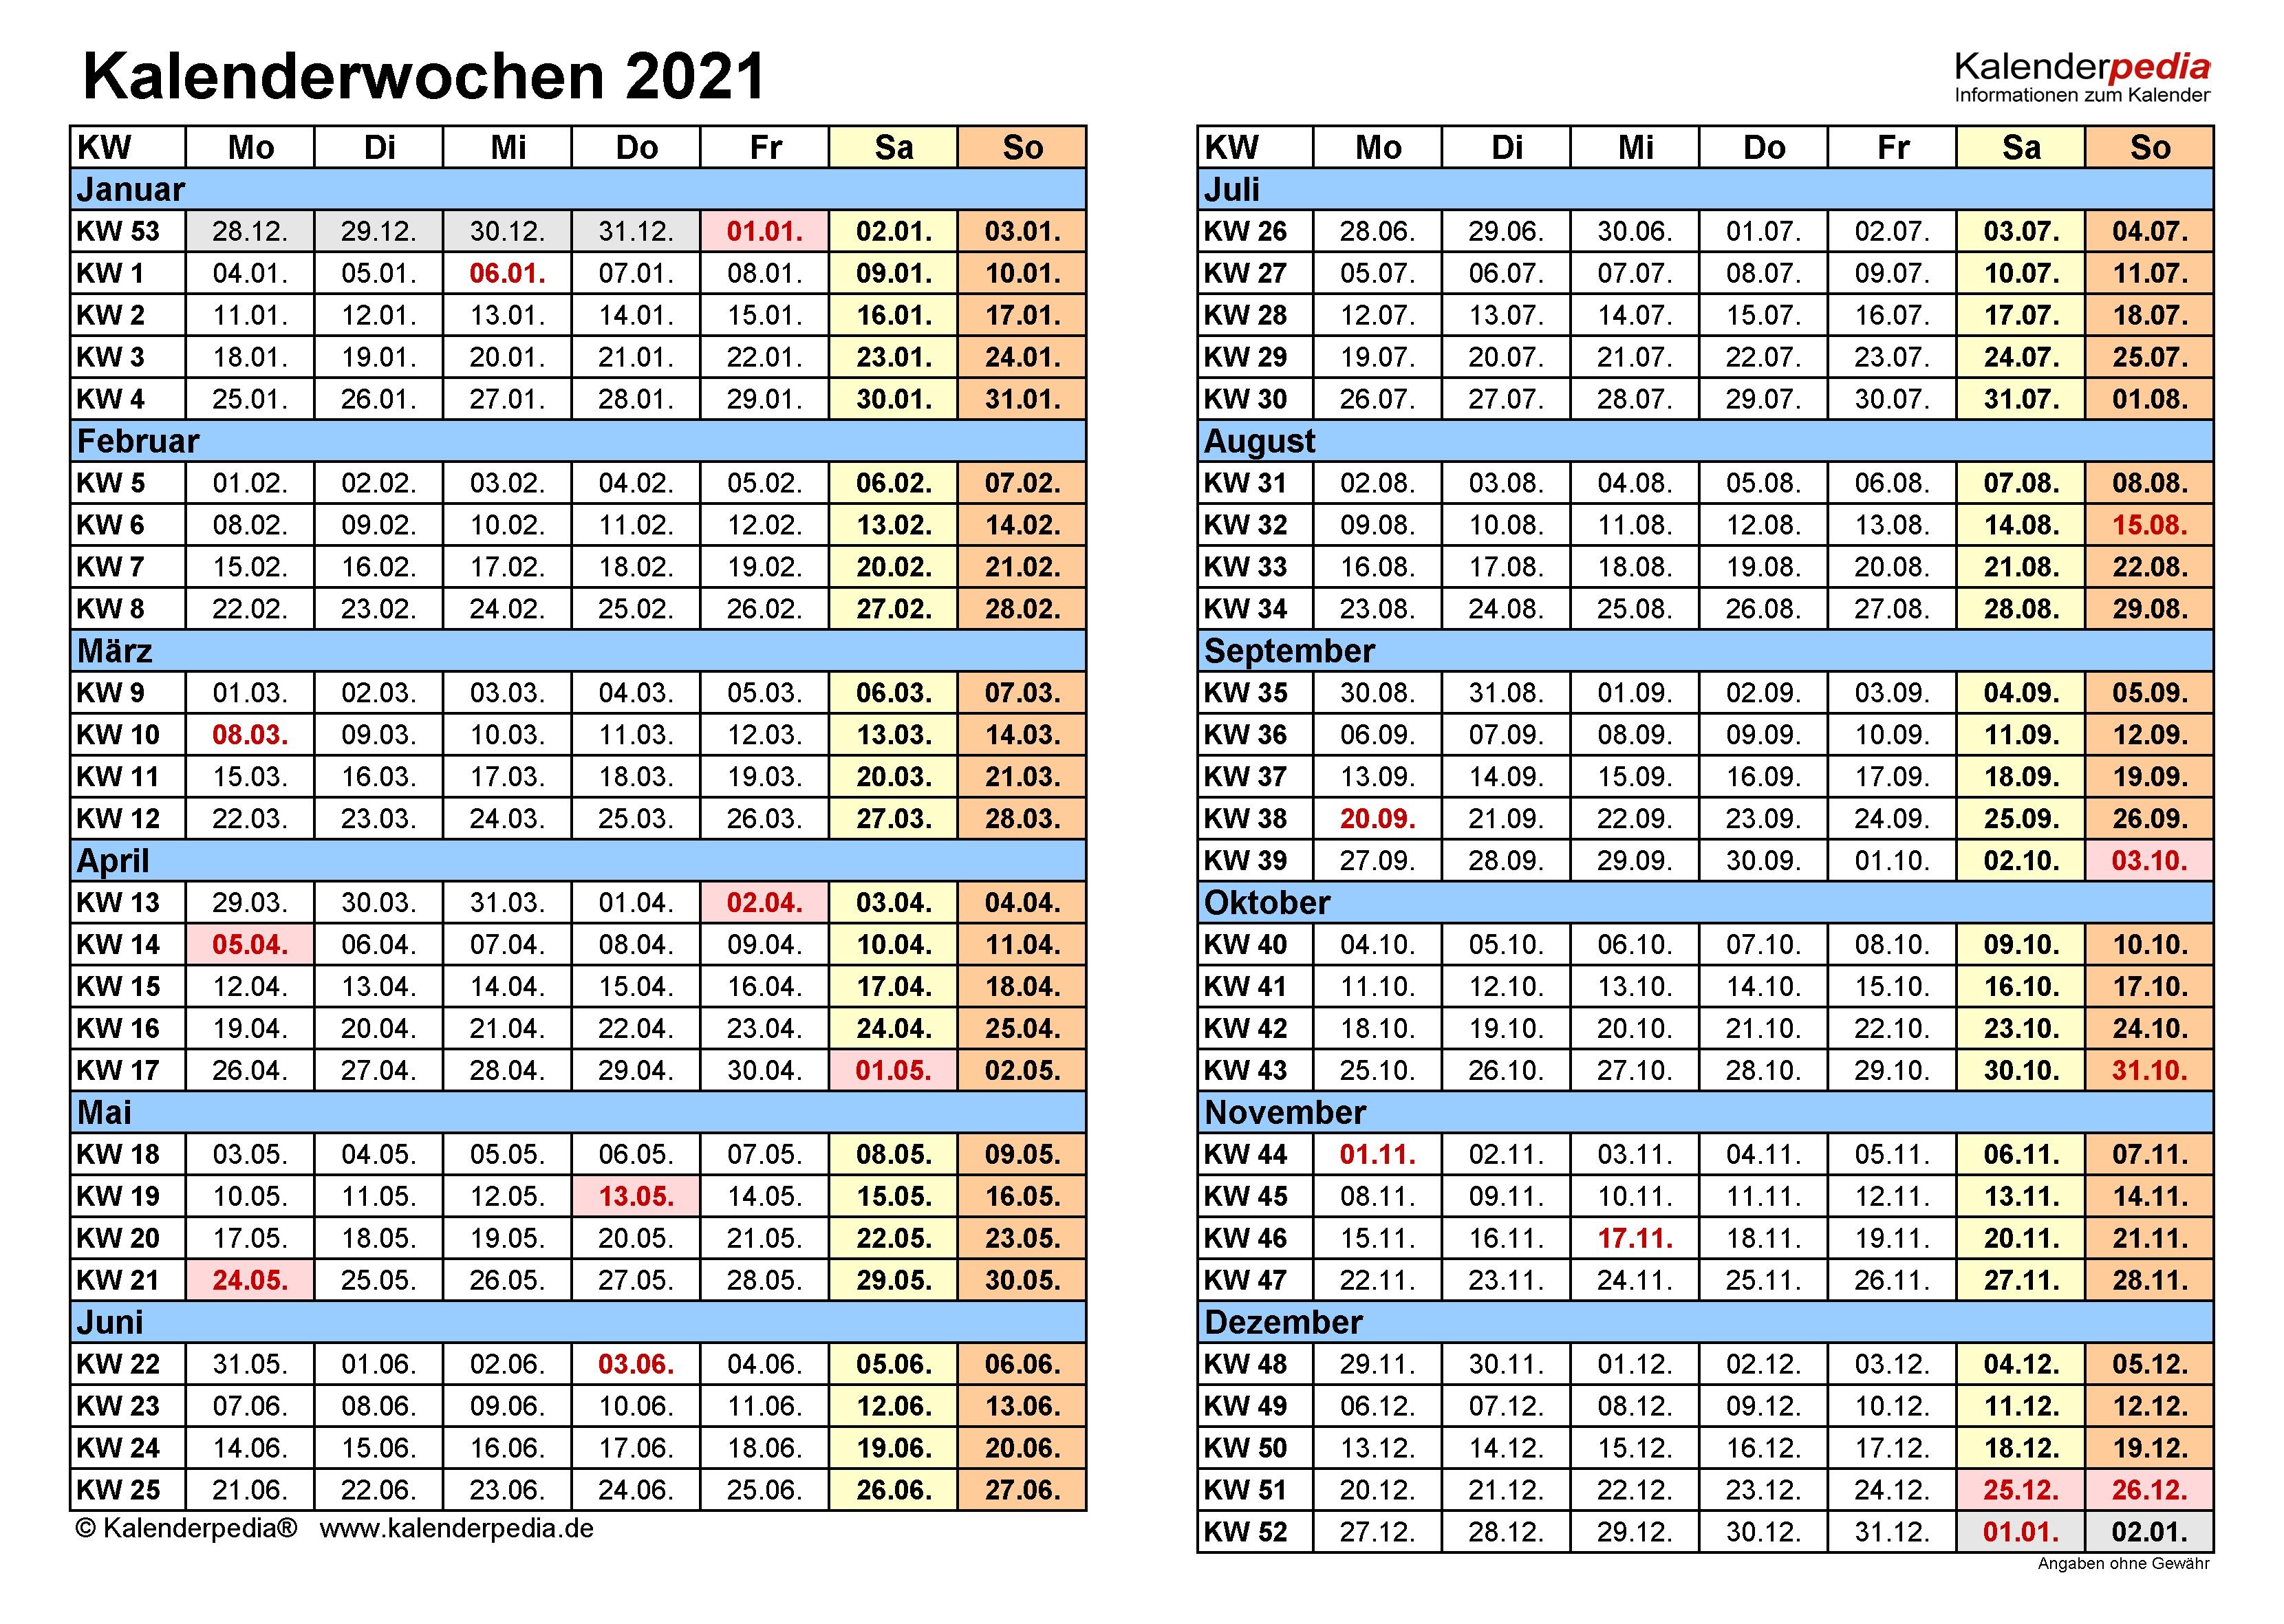 Kalenderwochen 2021 Mit Vorlagen Für Excel, Word & Pdf  50 Kalenderwoche 2021